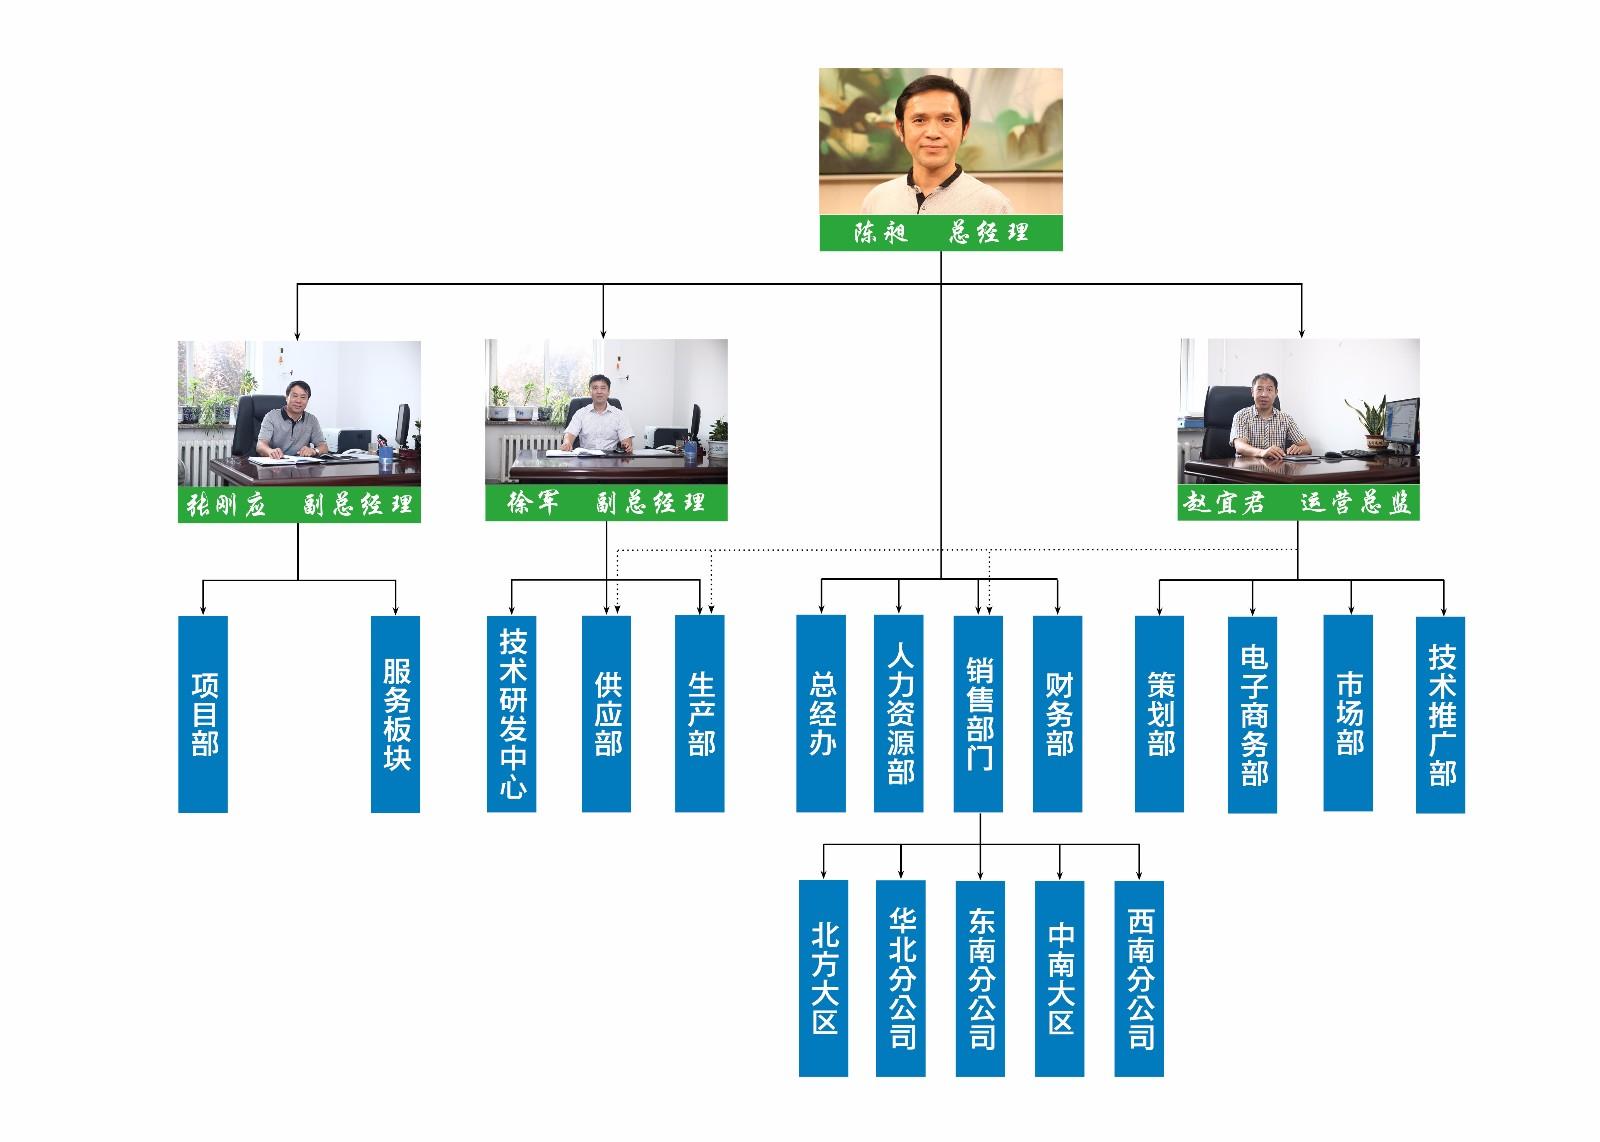 组织架构副本3.jpg